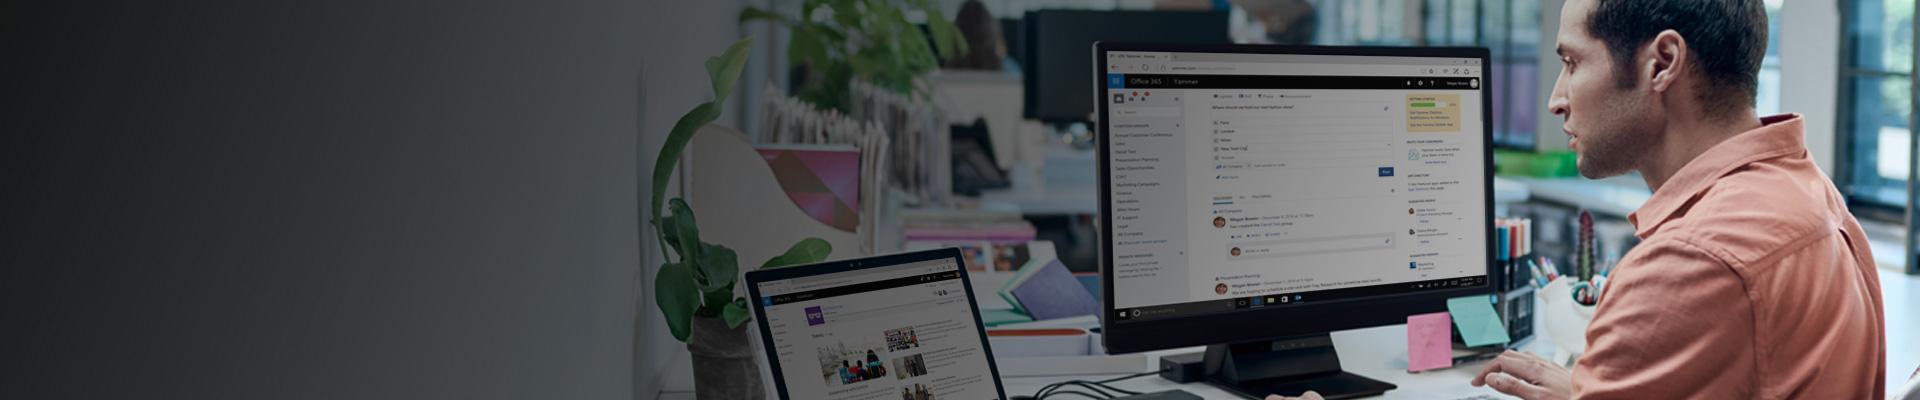 Un hombre mirando un monitor de escritorio que ejecuta SharePoint y otro monitor en el fondo donde se visualiza Yammer